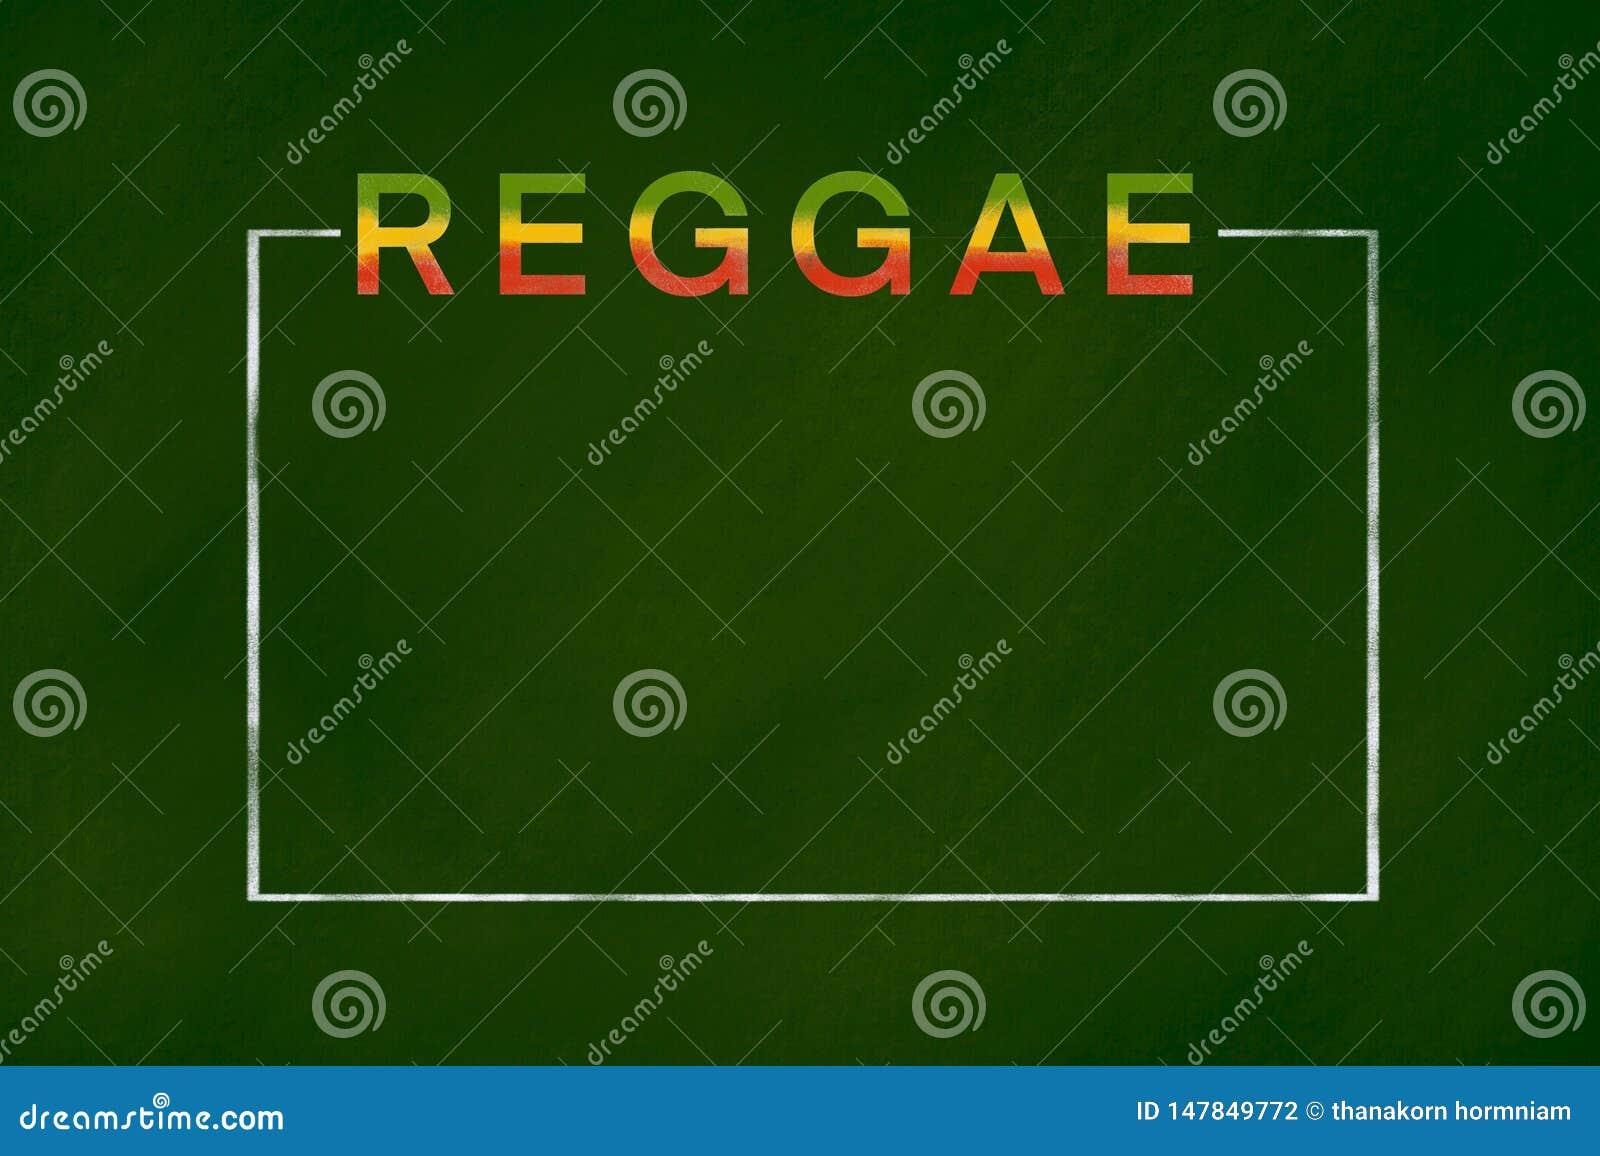 Reggae-Hintergrund